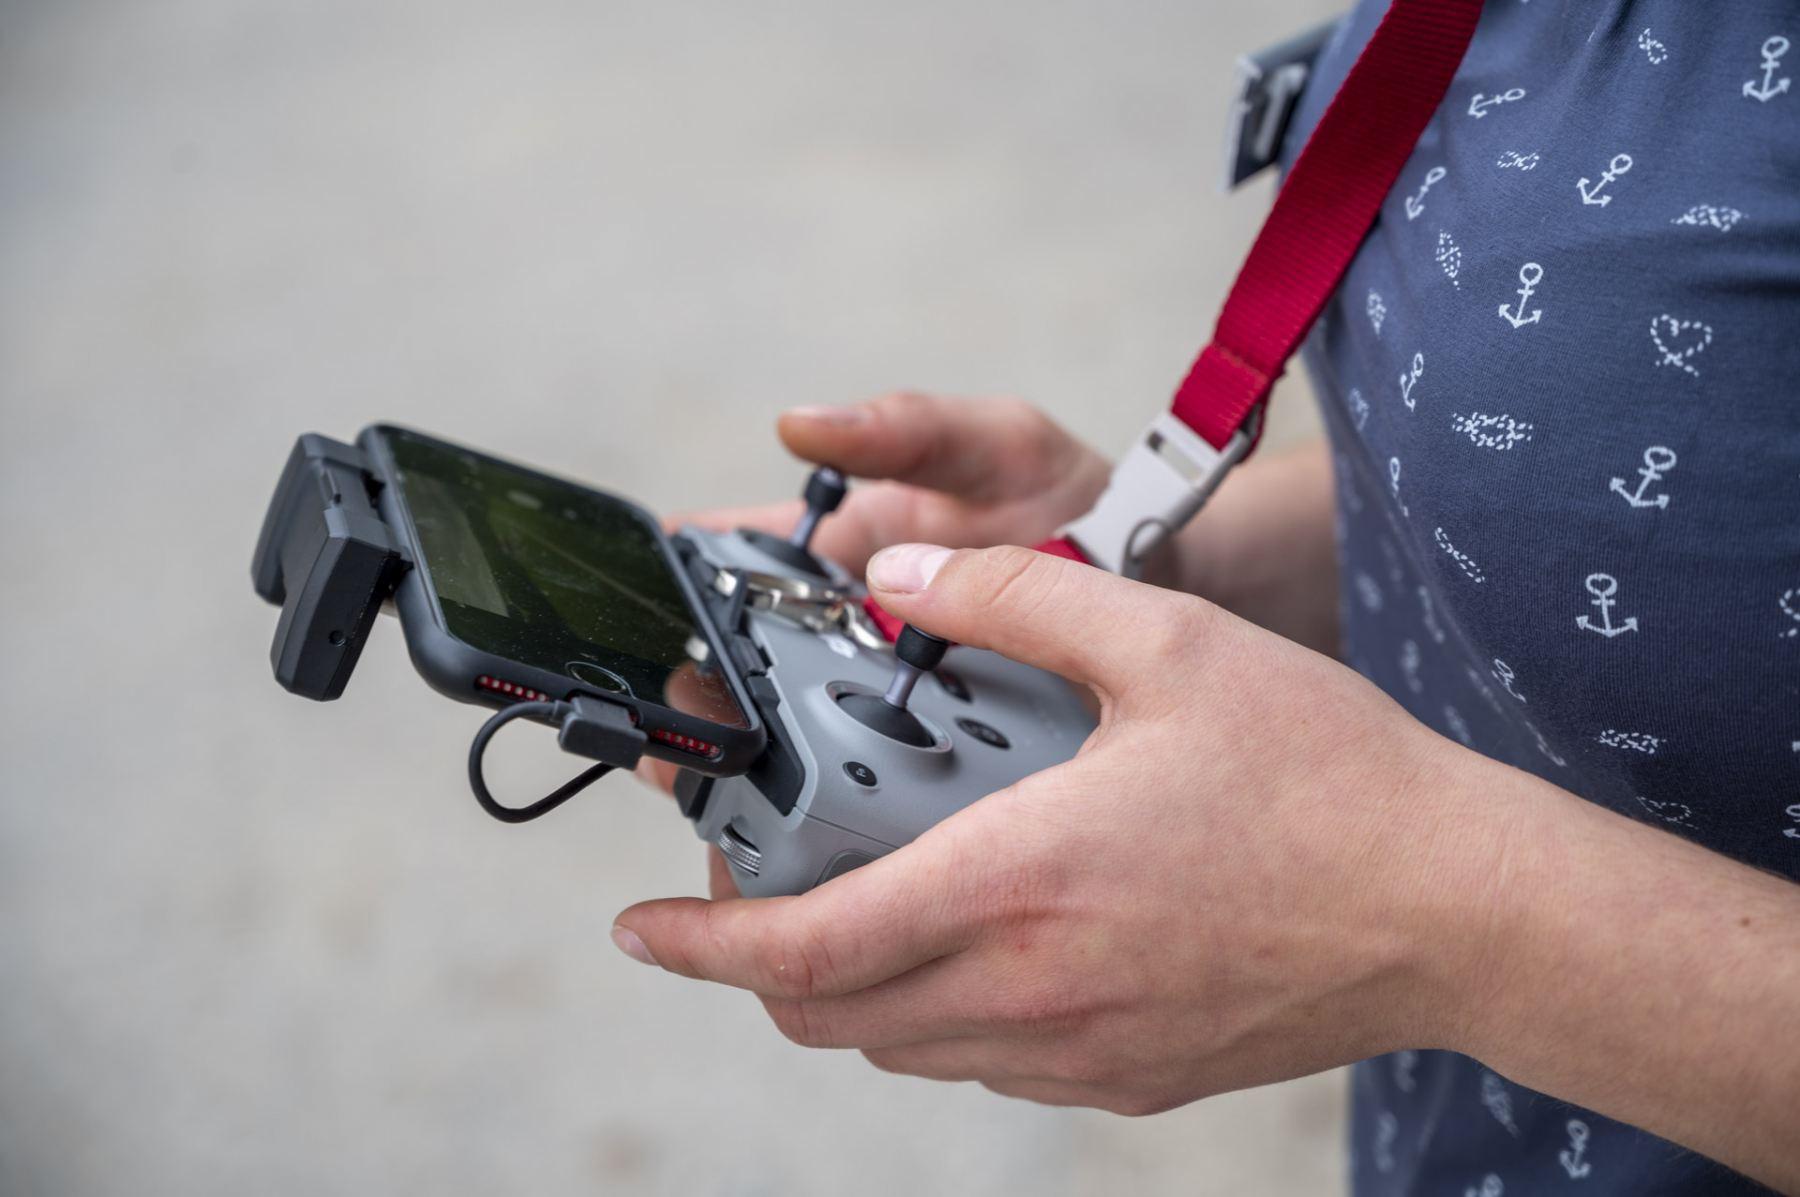 Drohne_Traunstein_Stadler_Fotografie_Luftaufnahme_Drohnen002